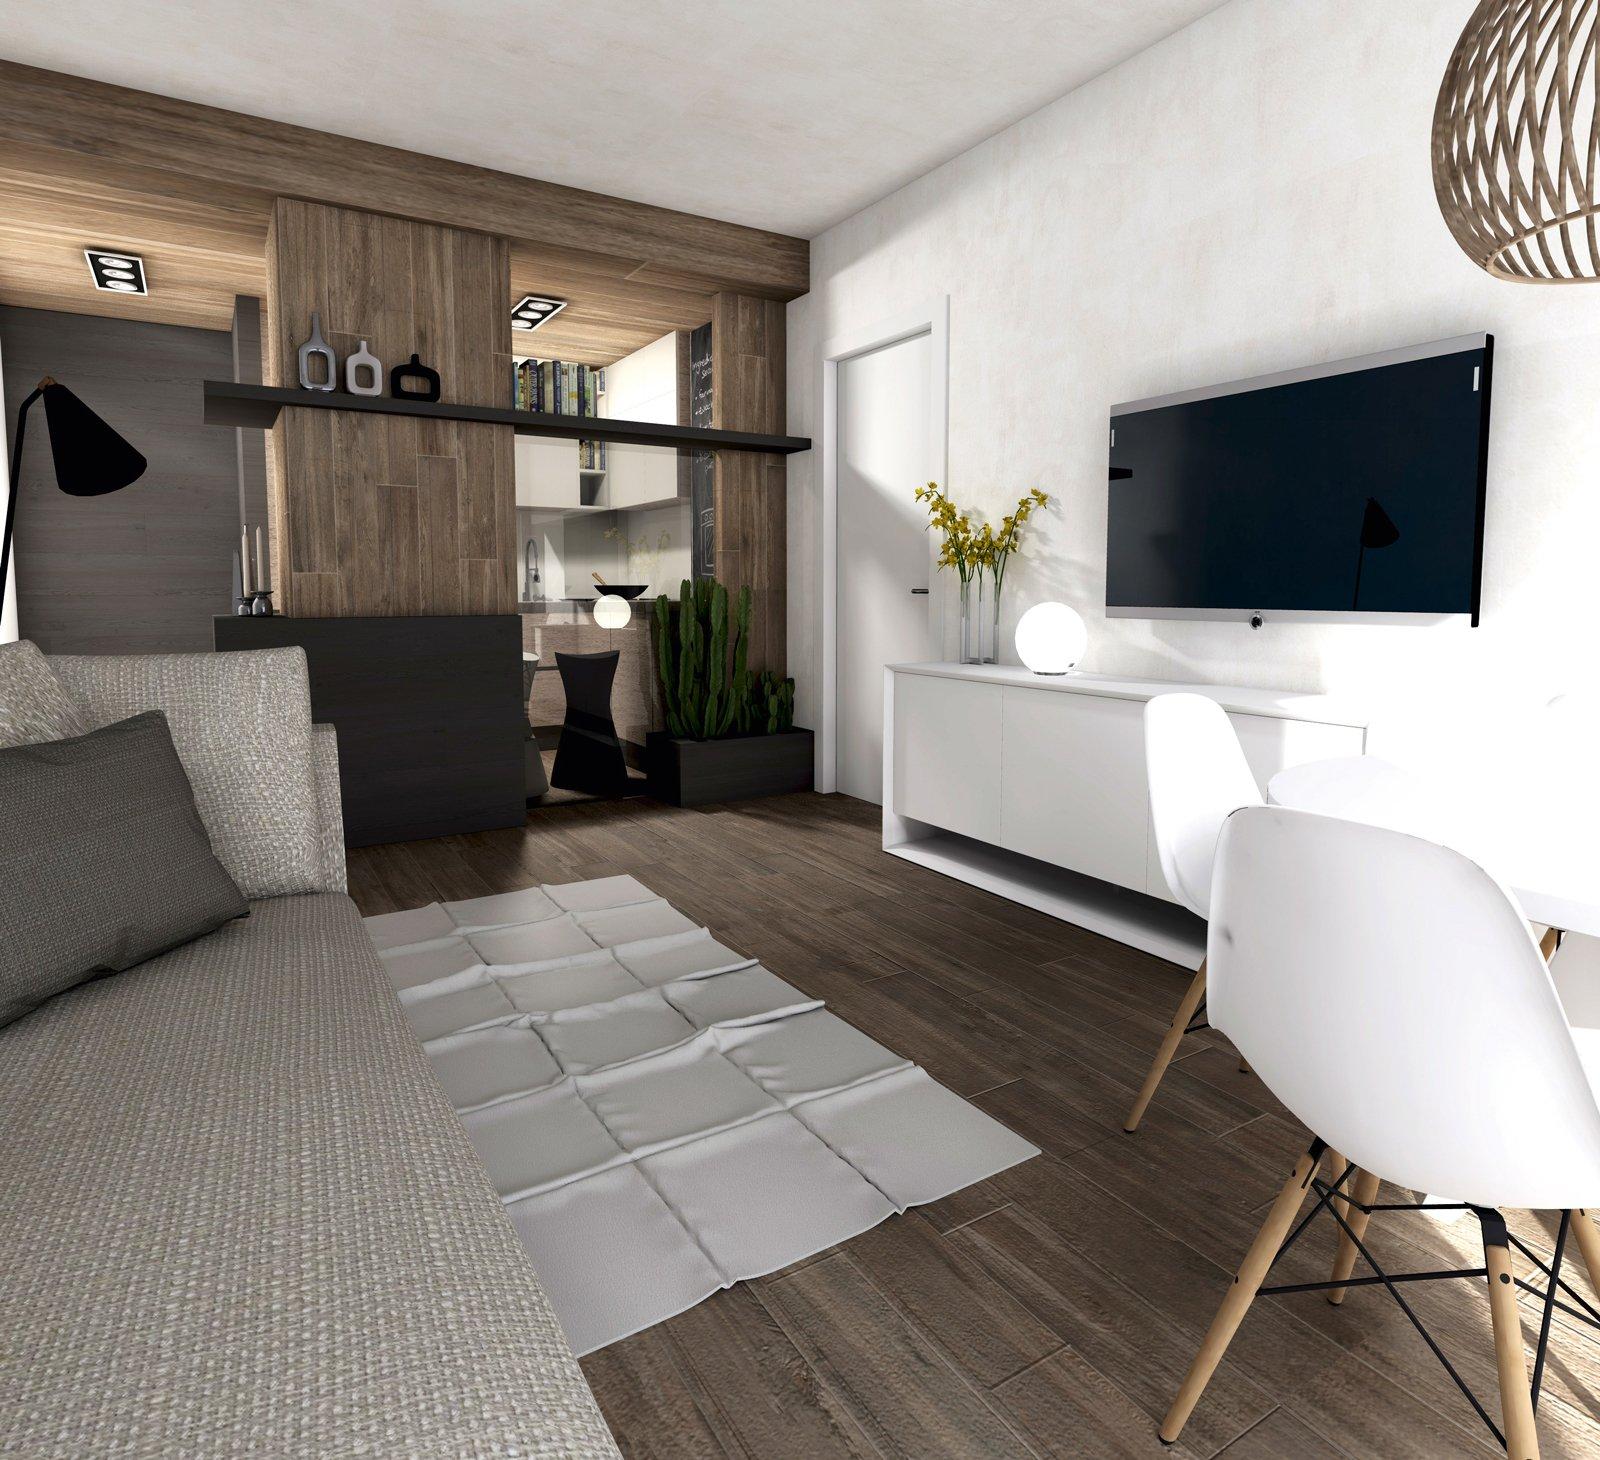 Ricavare la cucina nel soggiorno con una chiusura parziale ...